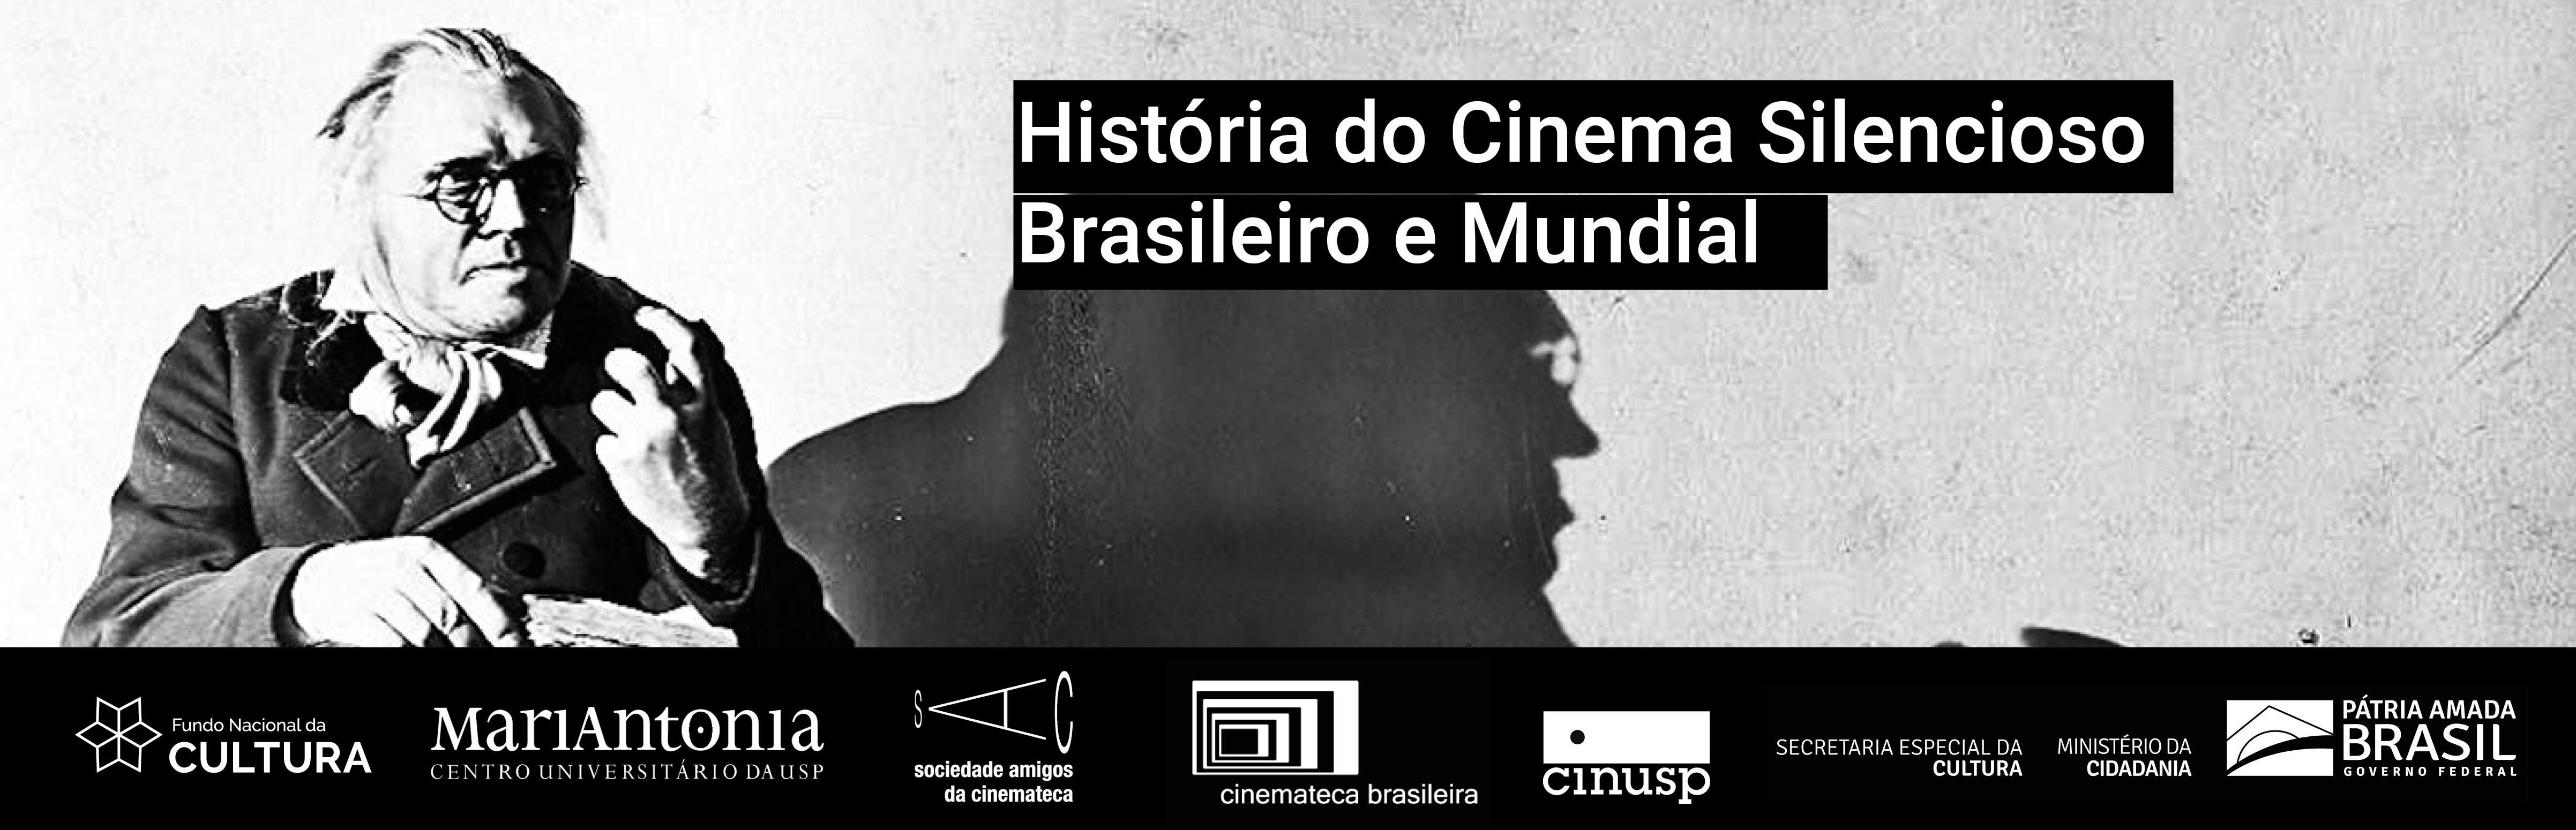 Curso História do Cinema Silencioso Brasileiro e Mundial